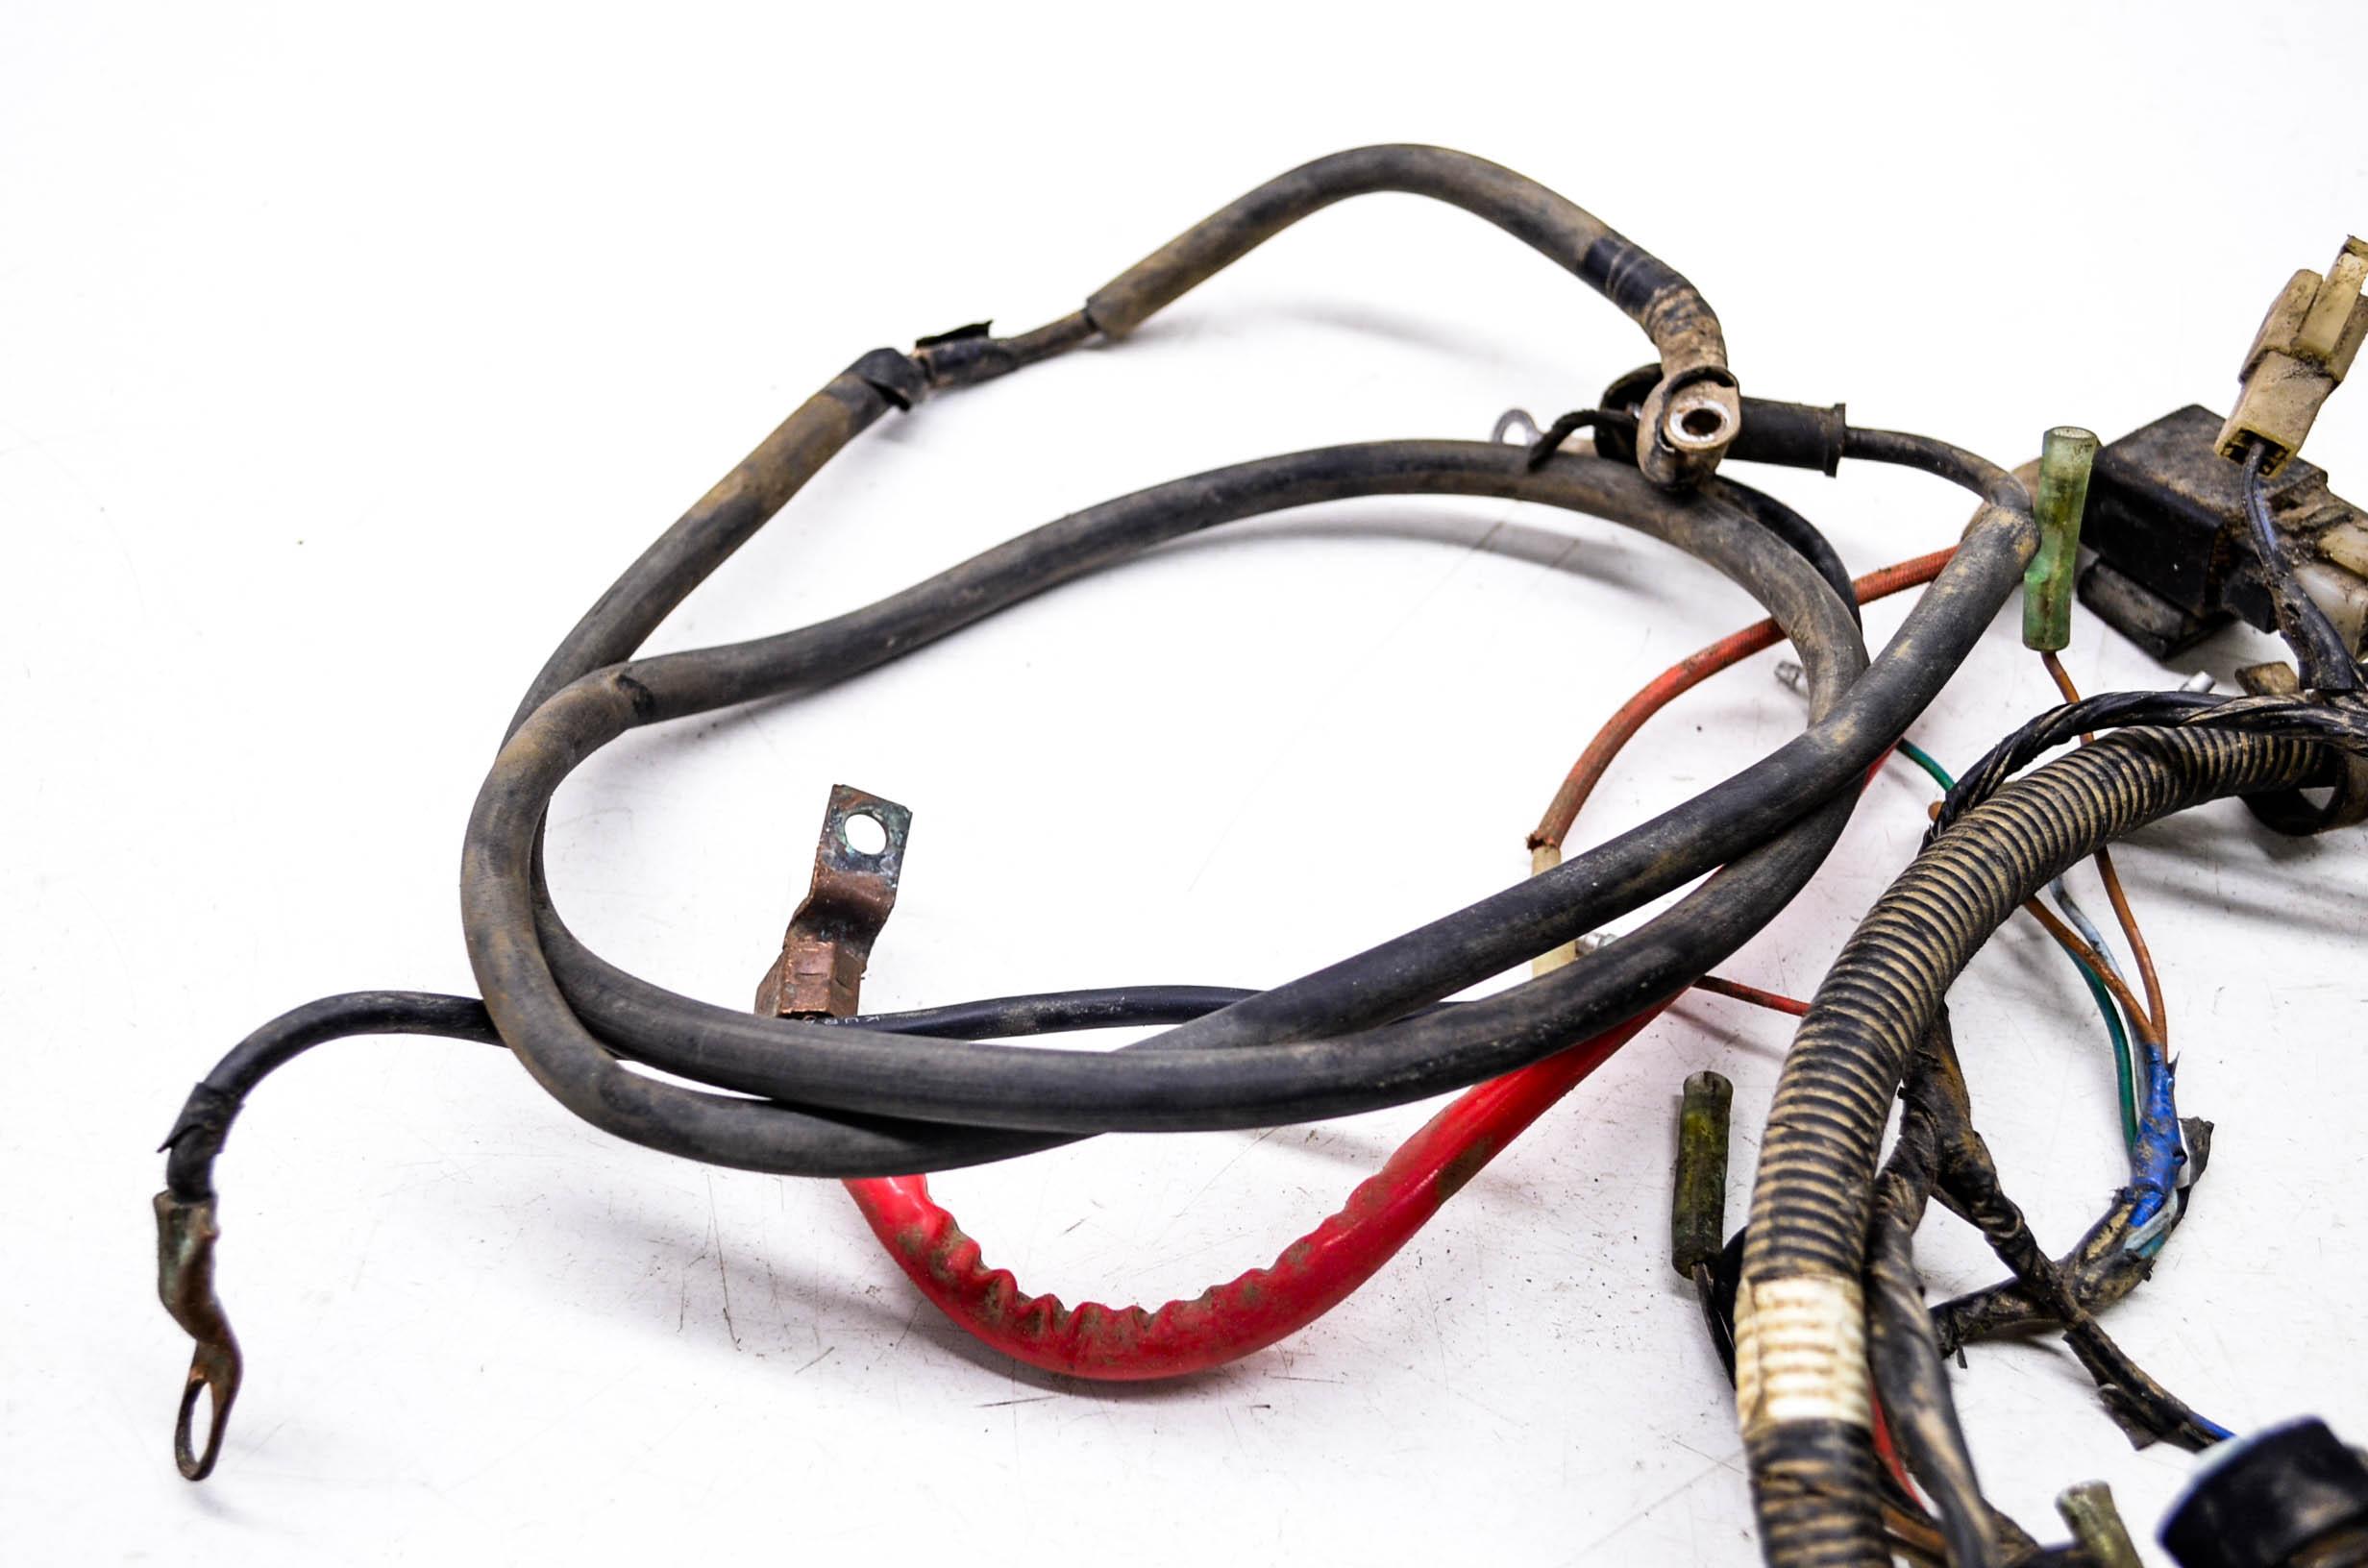 yamaha timberwolf wiring harness on